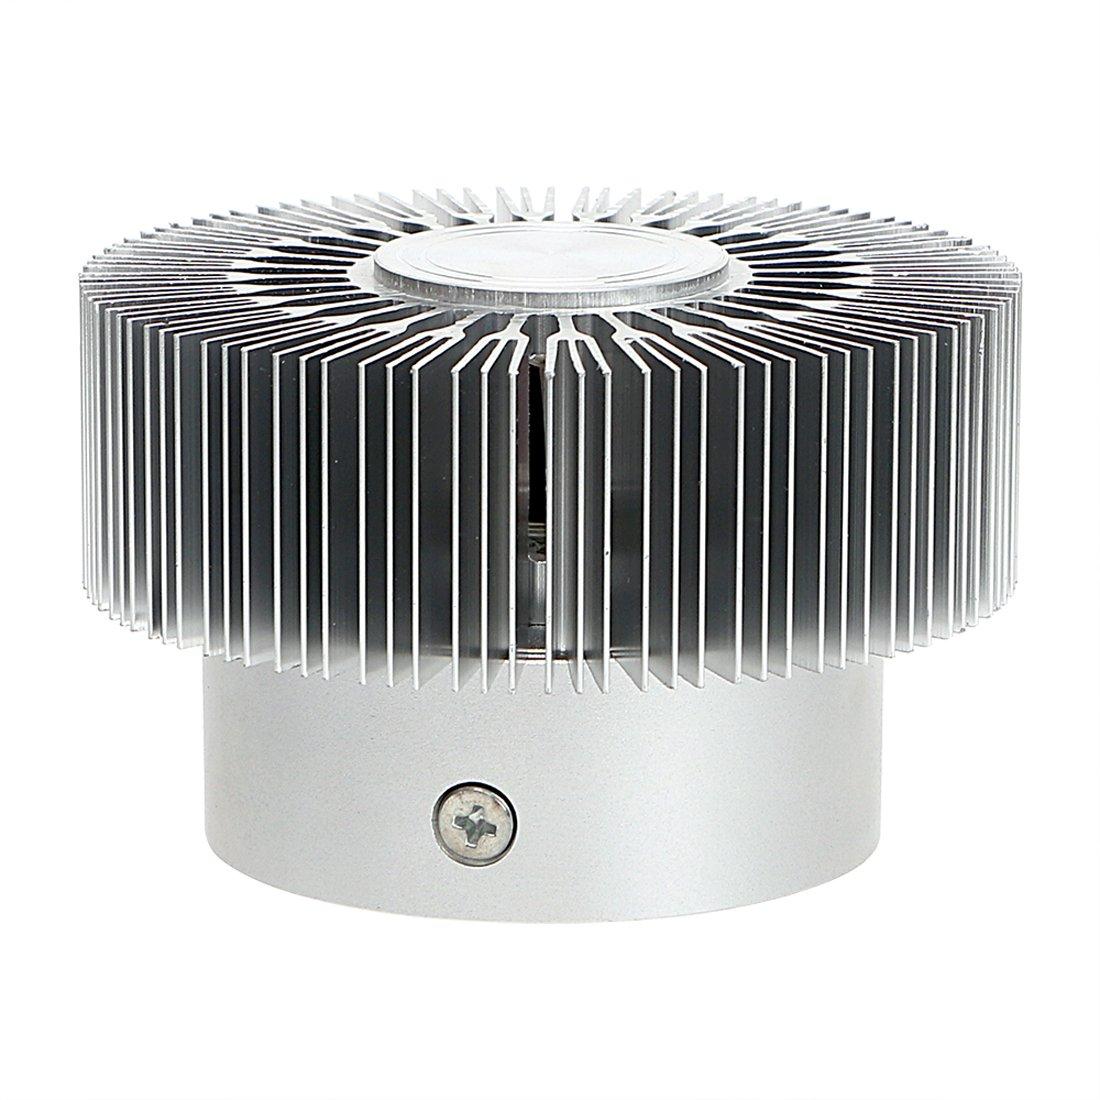 2 Pcs Lamker Ba/ñadores LED de Pared 3W RGB Moderna Aluminio L/ámpara Apliques Hueca Cilindro Techo de techo para Pasillo del pasillo del dormitorio Sala con Control Remoto